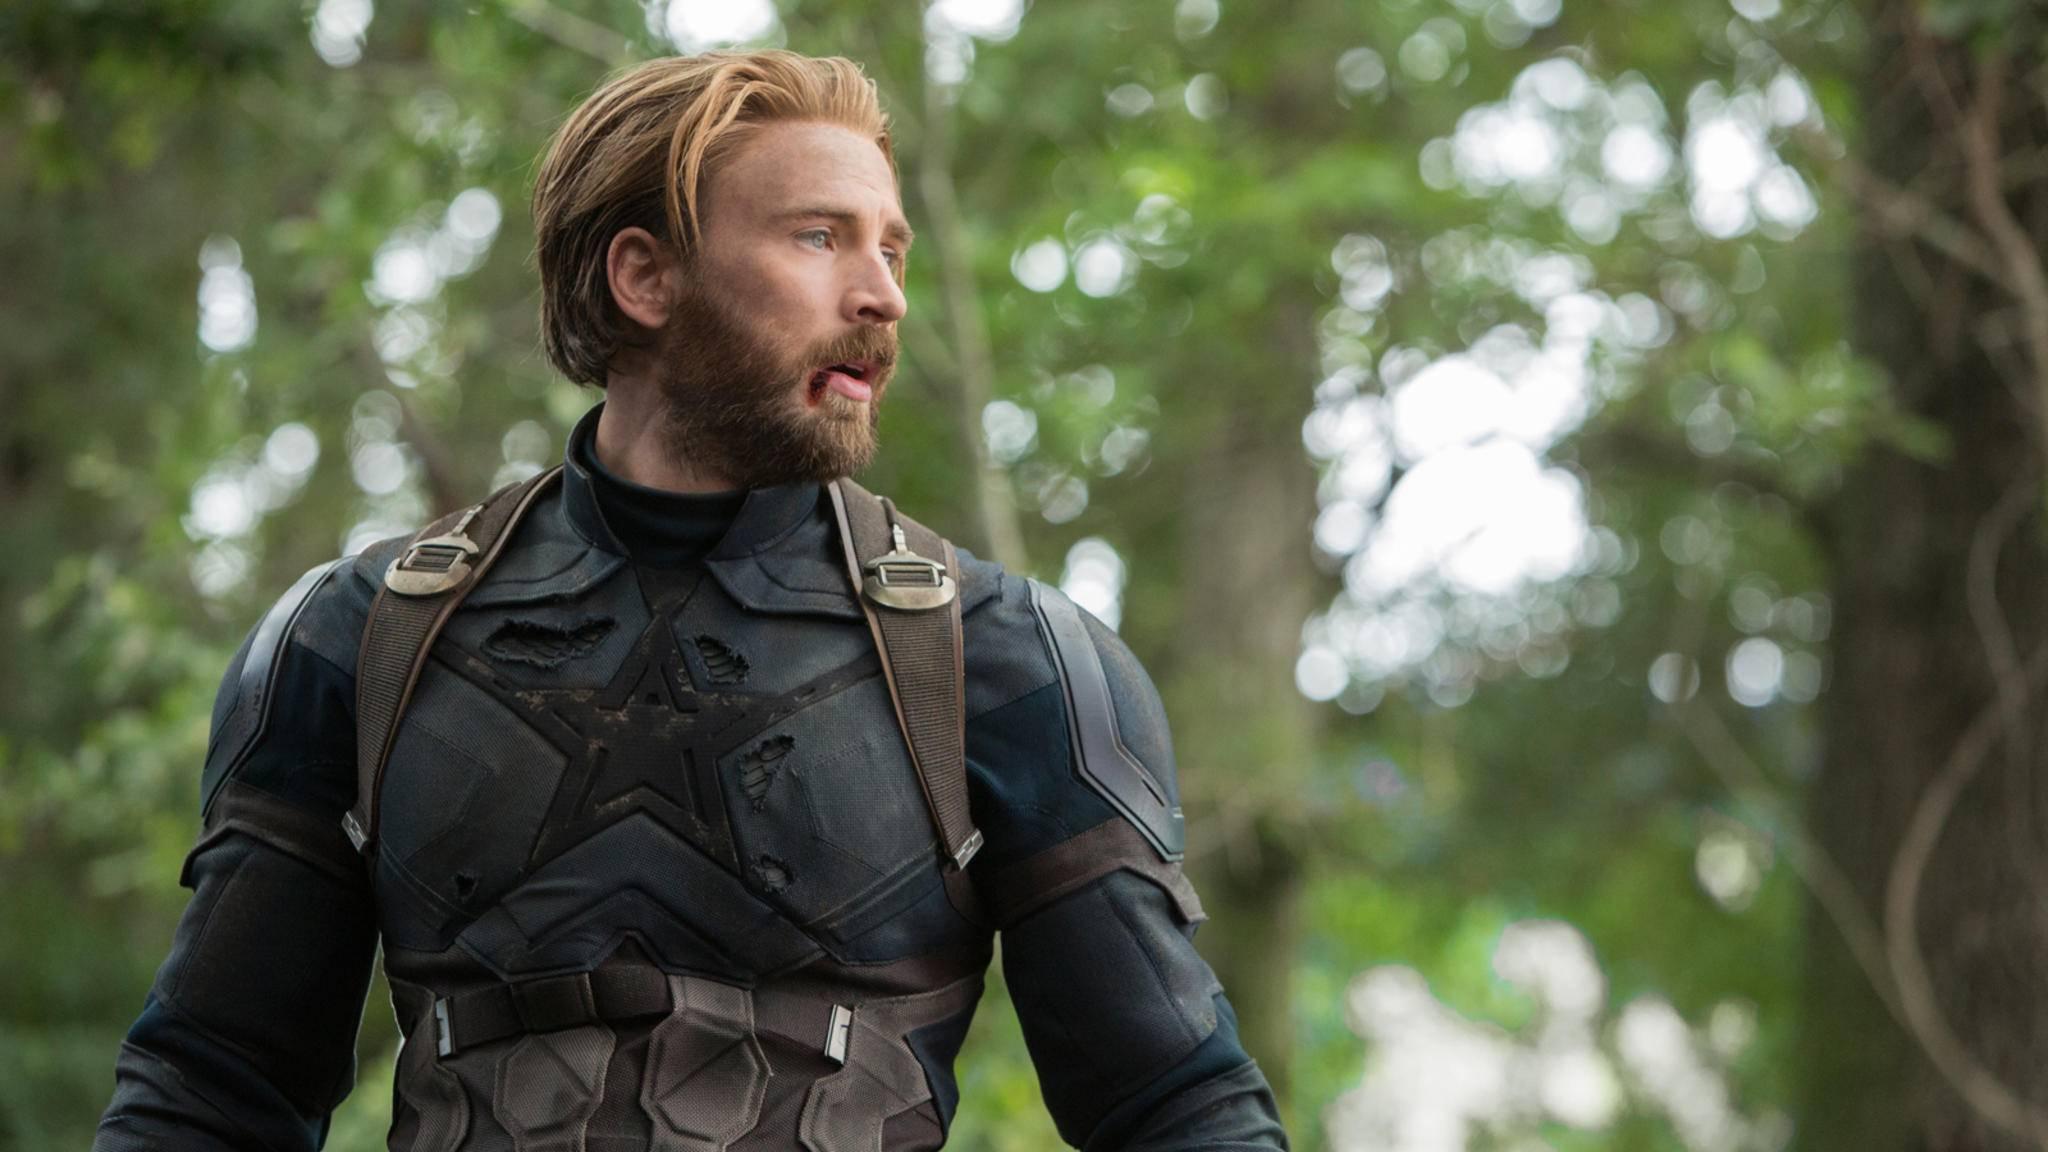 Cap-Darsteller Chris Evans muss von seinen Marvel-Kollegen einiges an Spott einstecken.